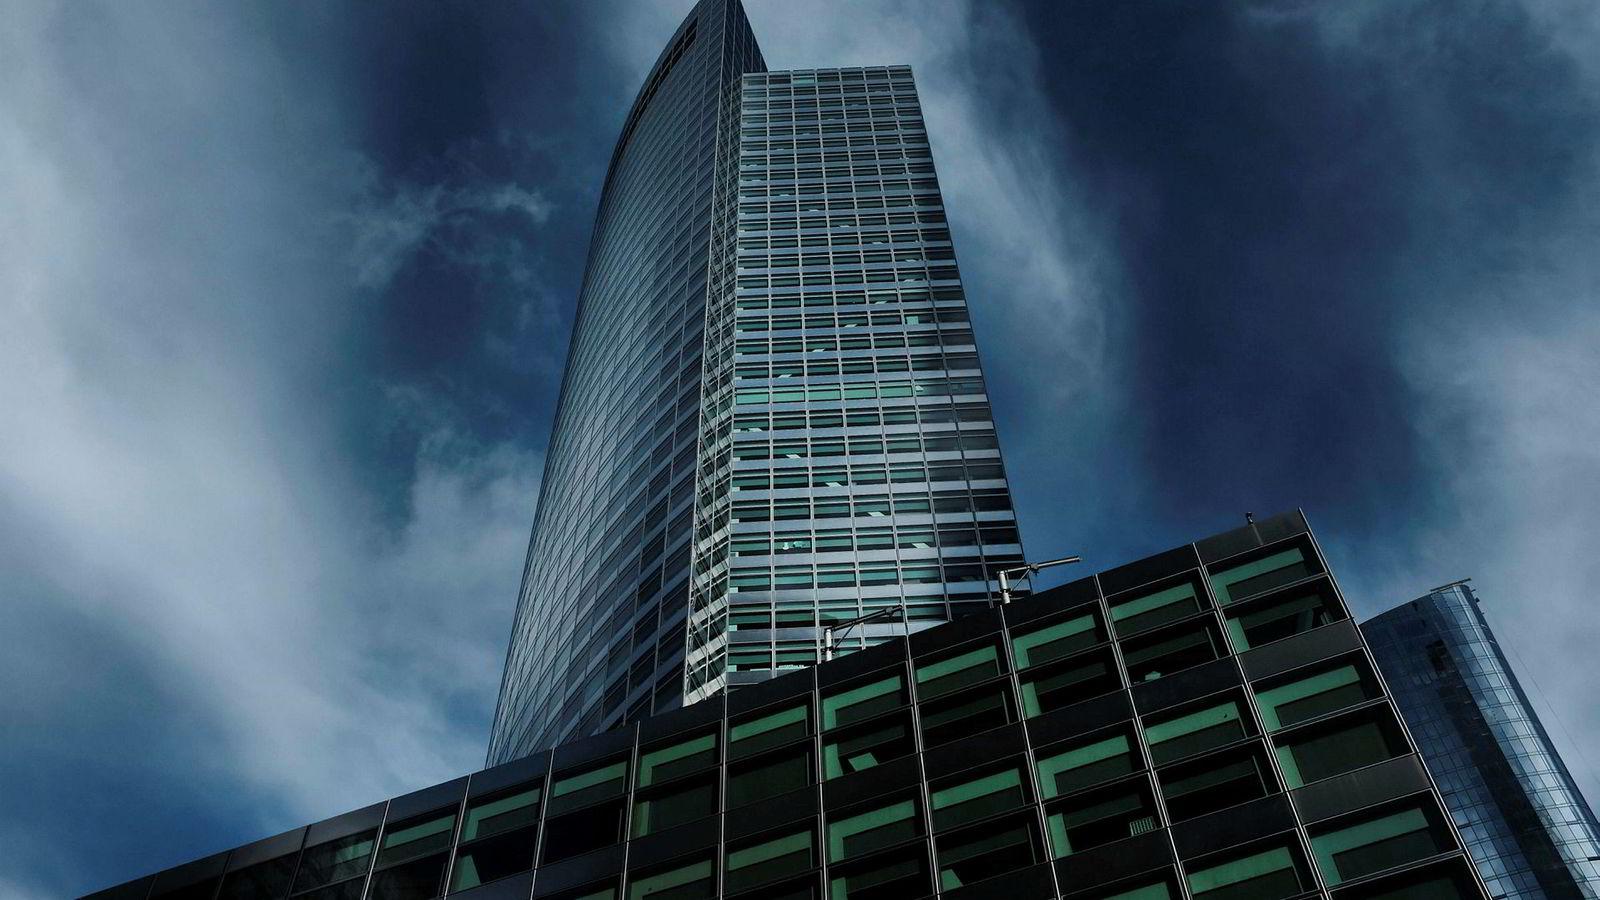 Den amerikanske storbanken Goldman Sachs er under etterforskning for å ha medvirket til korrupsjon i Malaysia. Bildet er fra bankens hovedkvarter i New York.